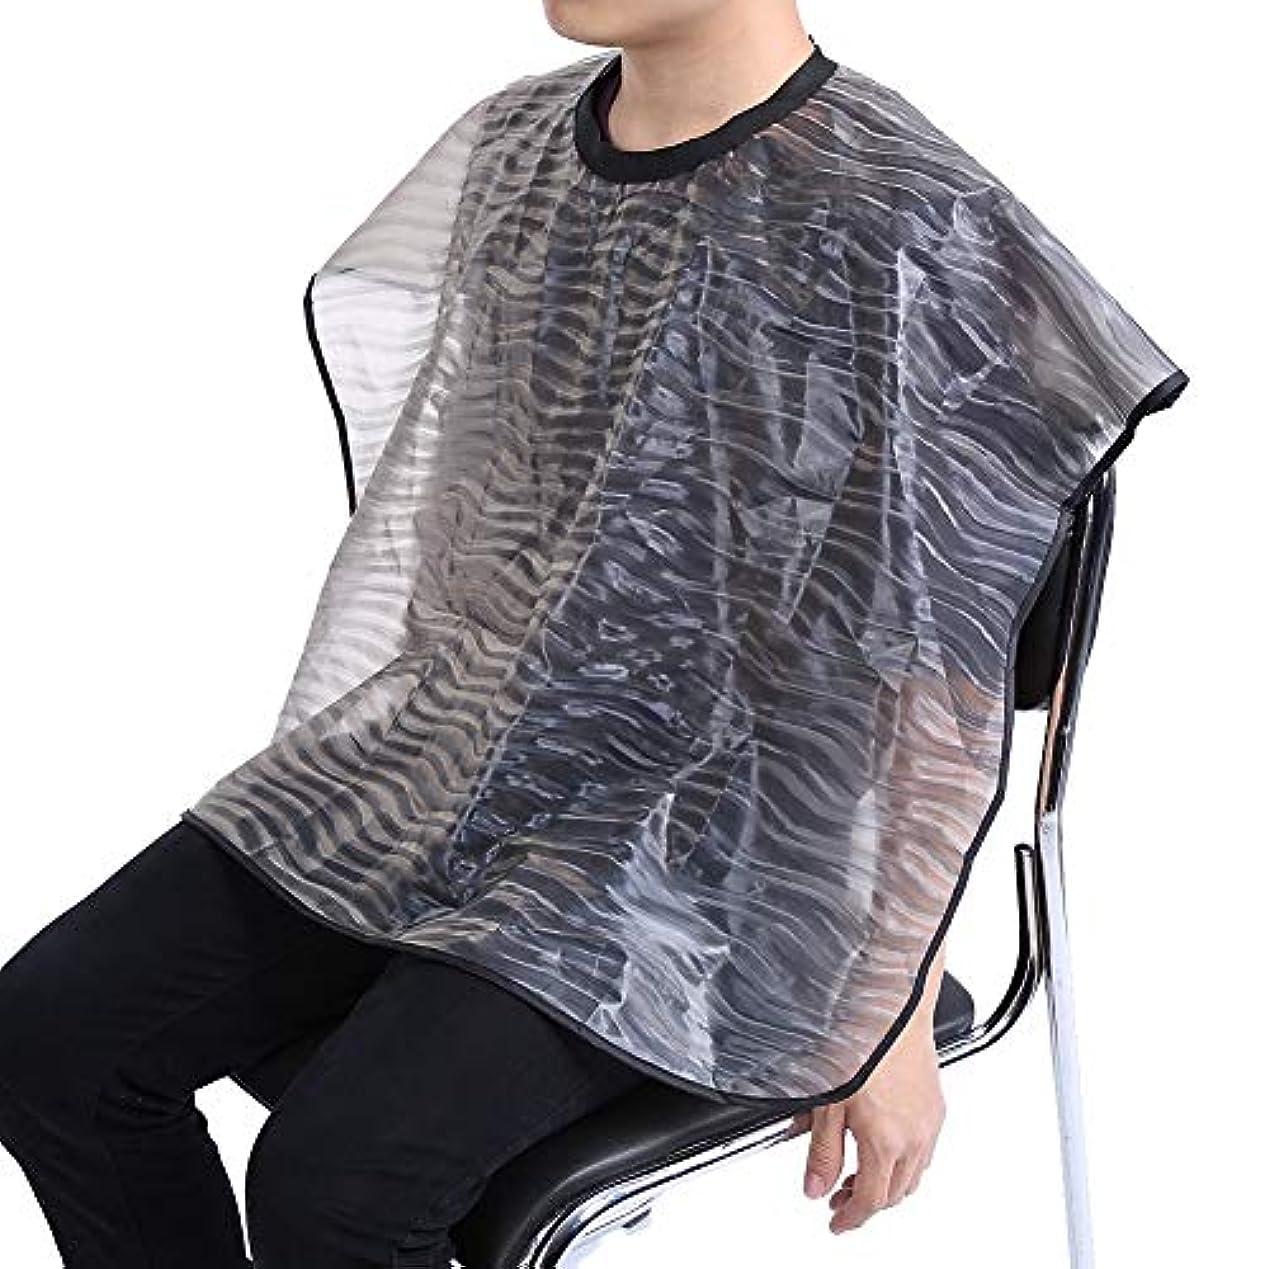 受信カメ溶融2サイズ 防水 再利用可能 サロン 理髪布 耐久 ヘアスタイリスト ガウンバーバーケープ(01)